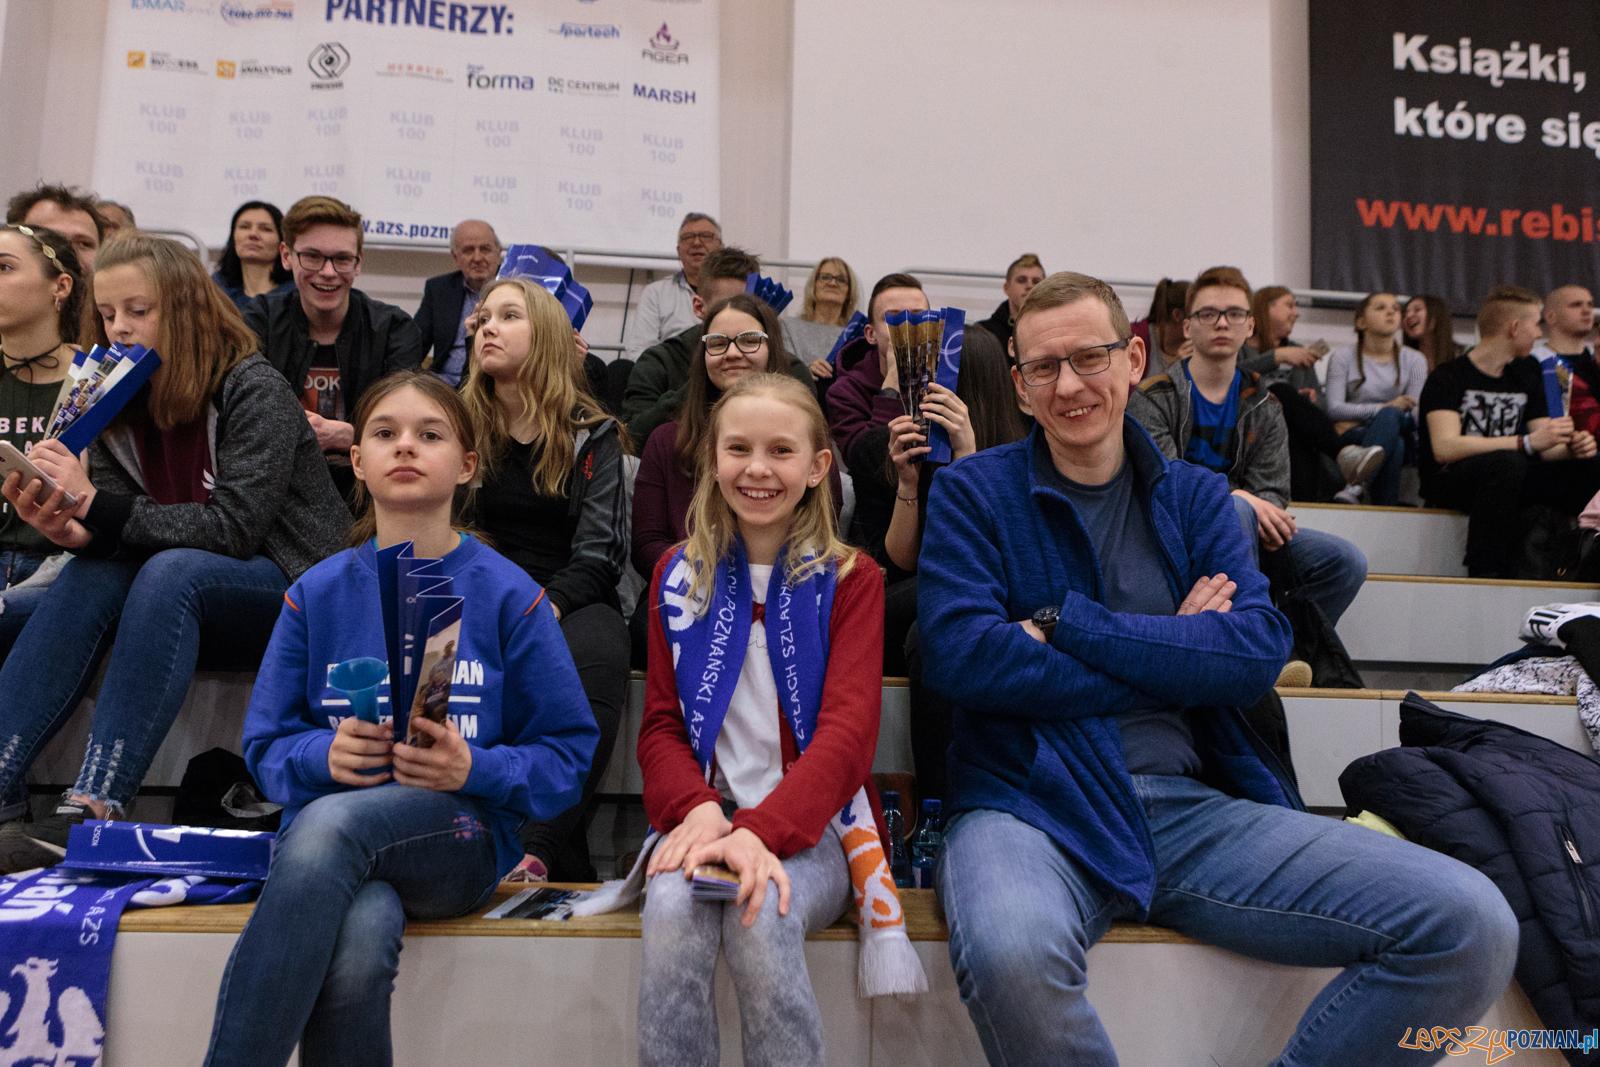 Enea AZS Poznań - TS Ostrovia Ostrów Wielkopolski 59:71 - Pozn  Foto: LepszyPOZNAN.pl / Paweł Rychter